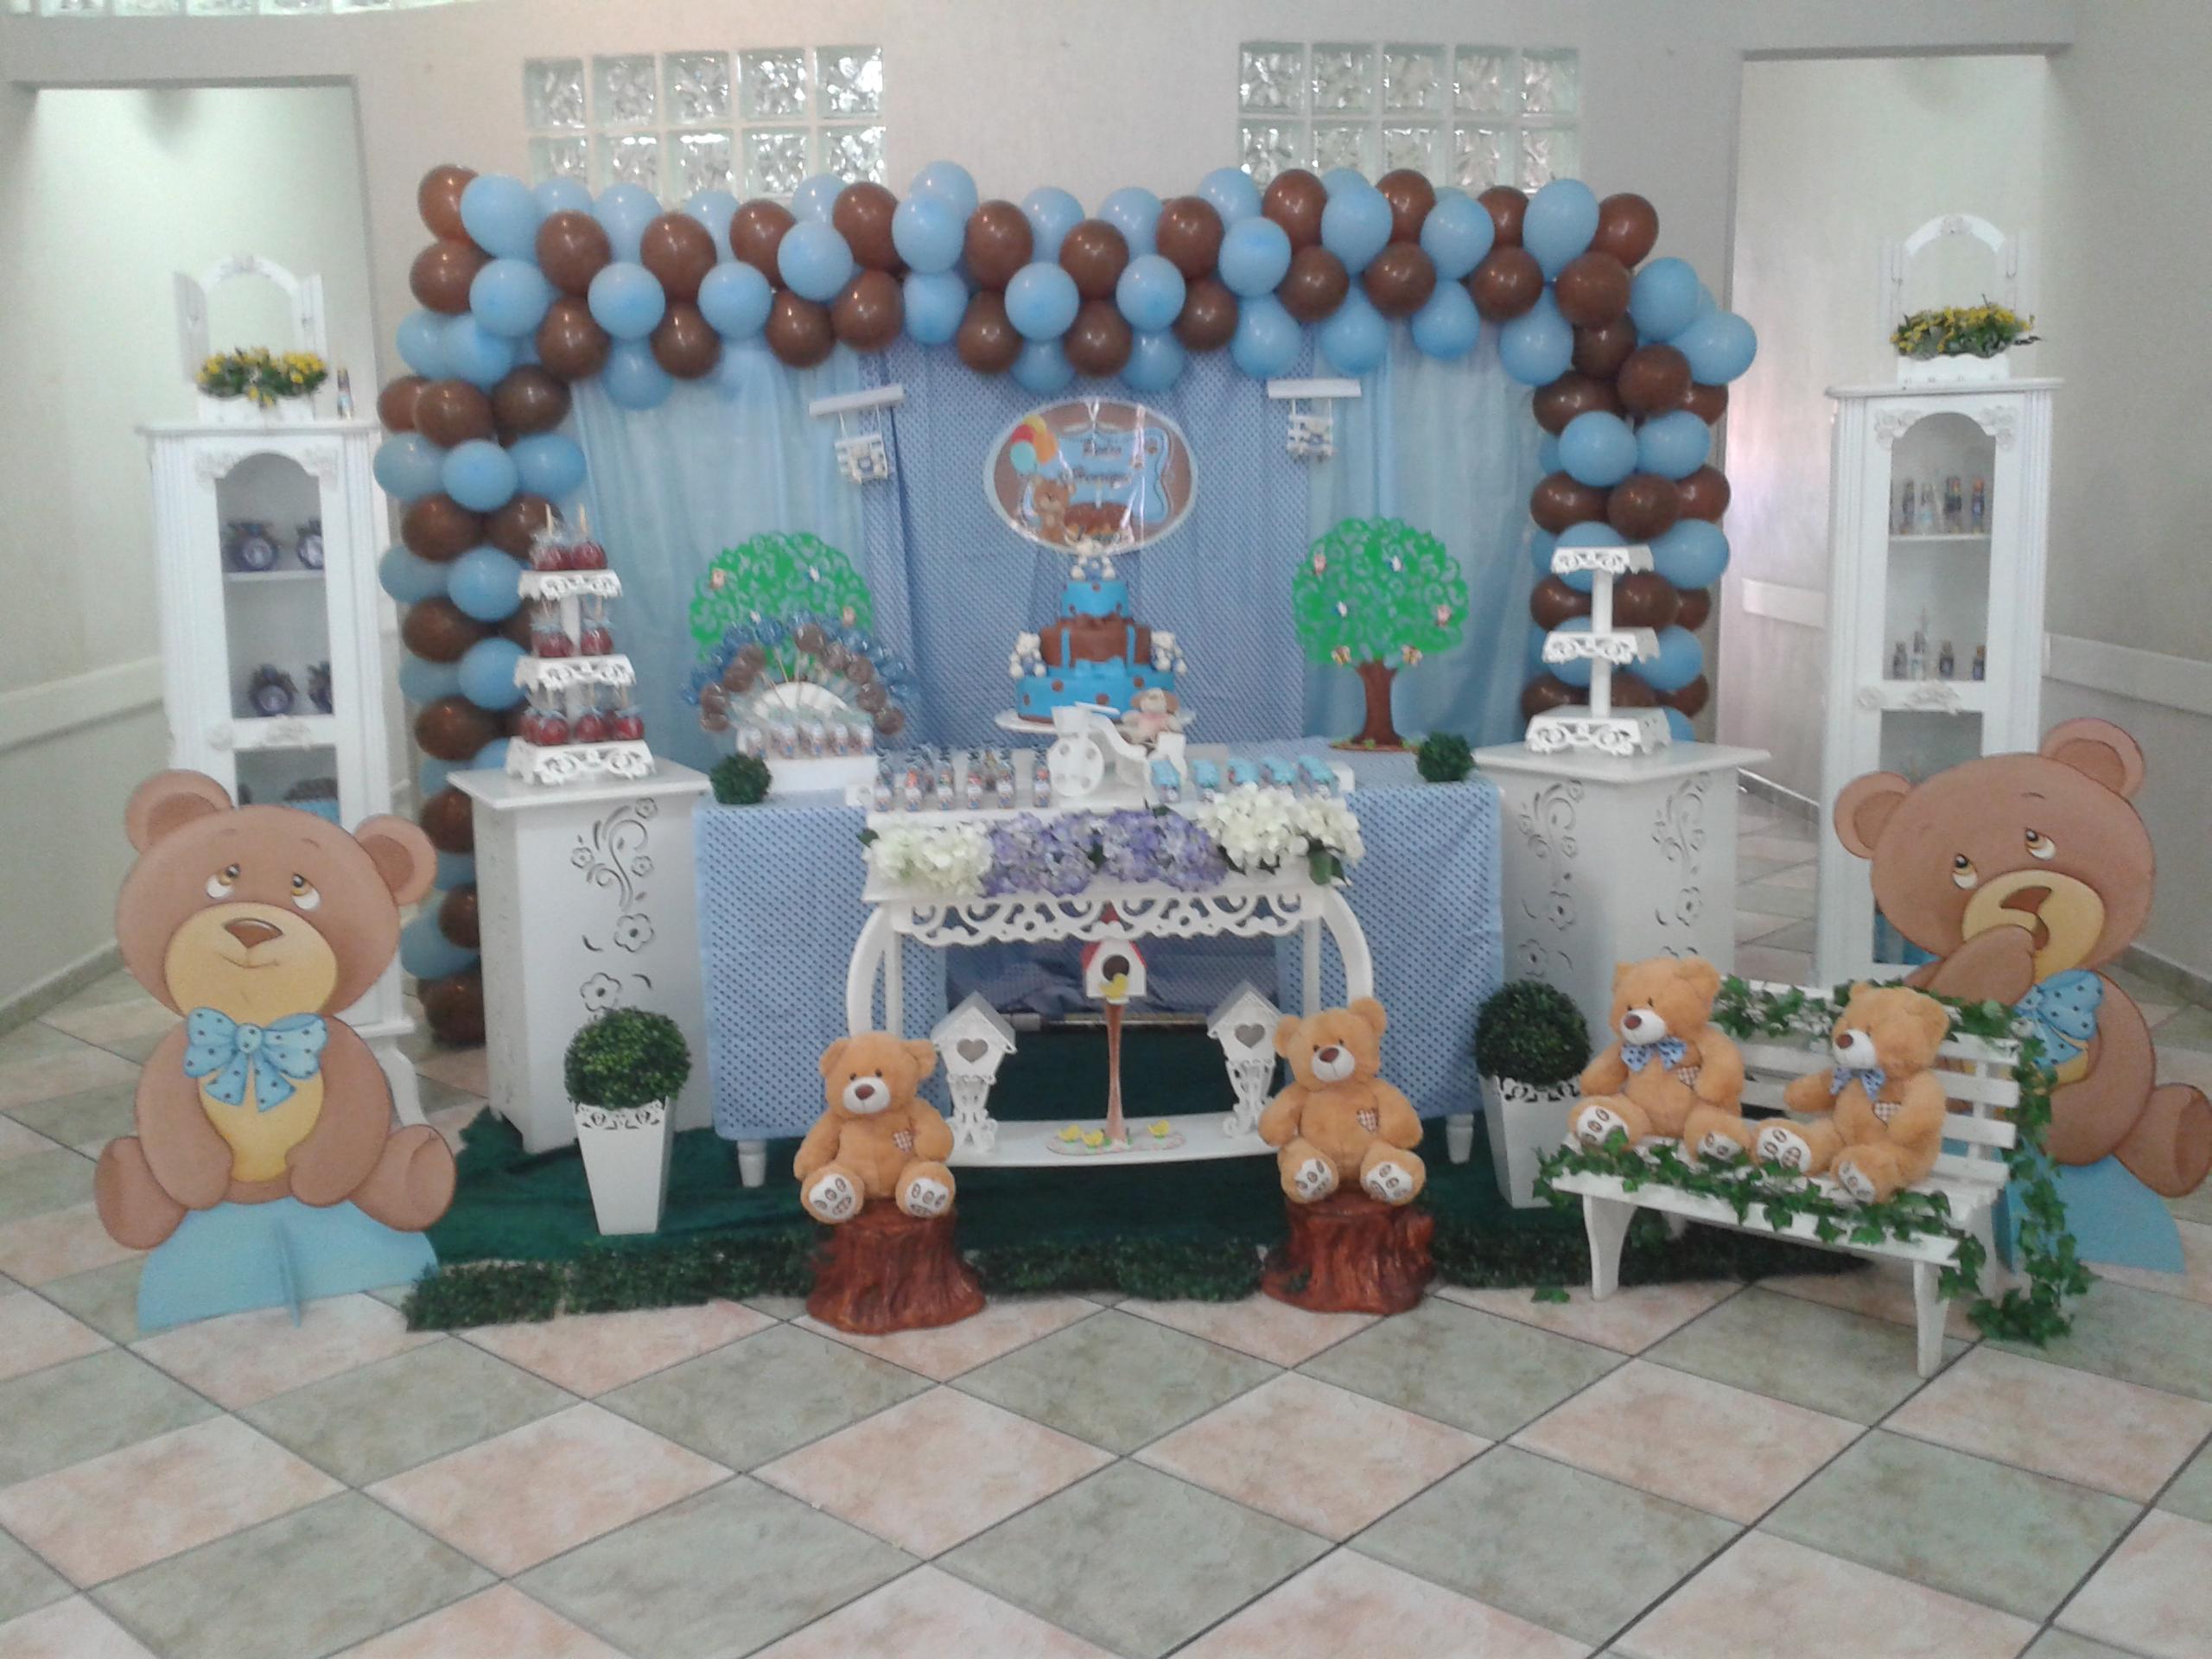 decoracao festa urso azul e marrom : decoracao festa urso azul e marrom:marrom e azul Decoração Urso marrom e azul Decoração Urso marrom e